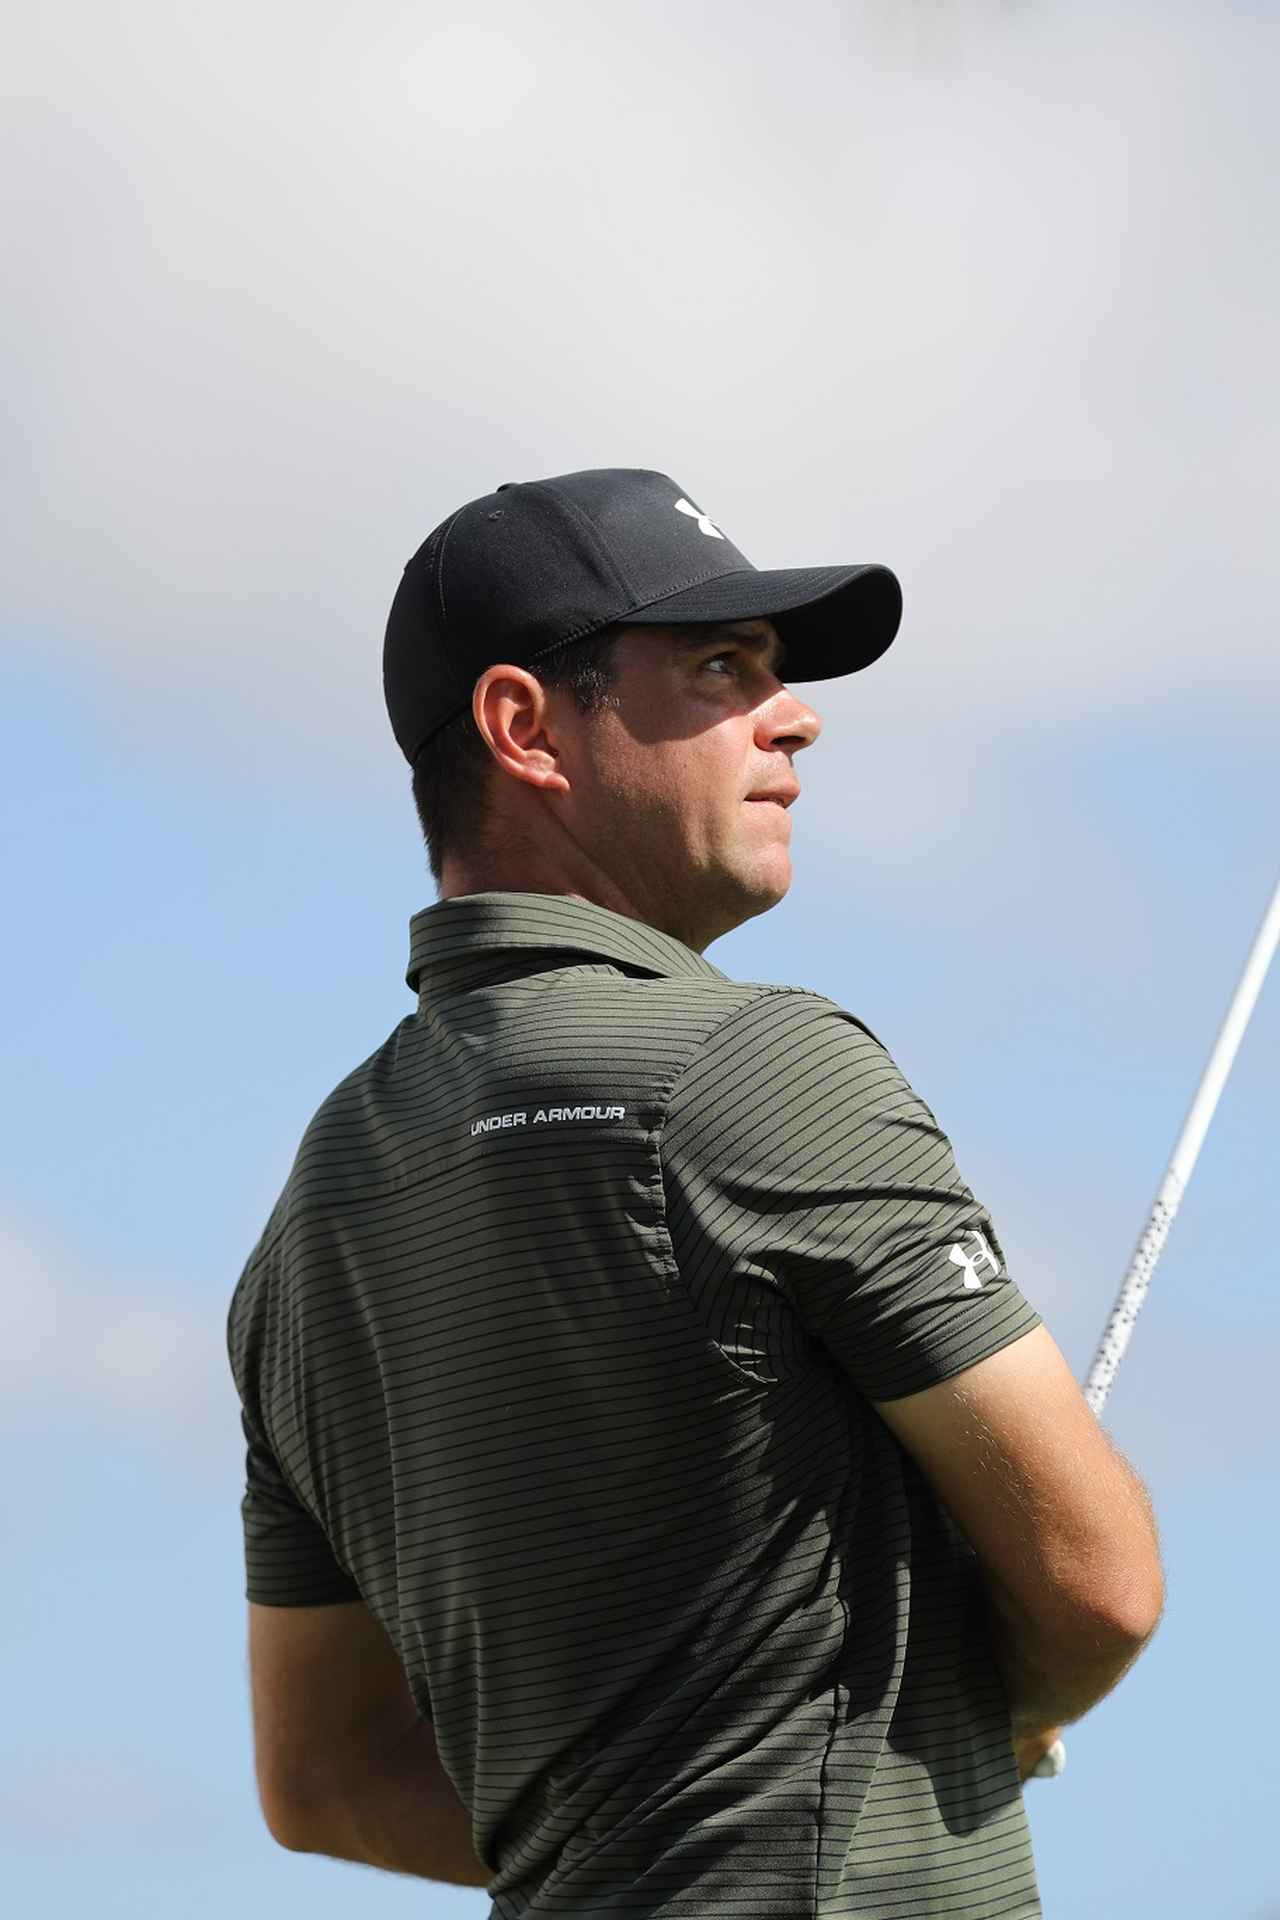 画像: 悲壮な覚悟でオーガスタに挑む。「ファミリーファースト」な男のマスターズ - みんなのゴルフダイジェスト